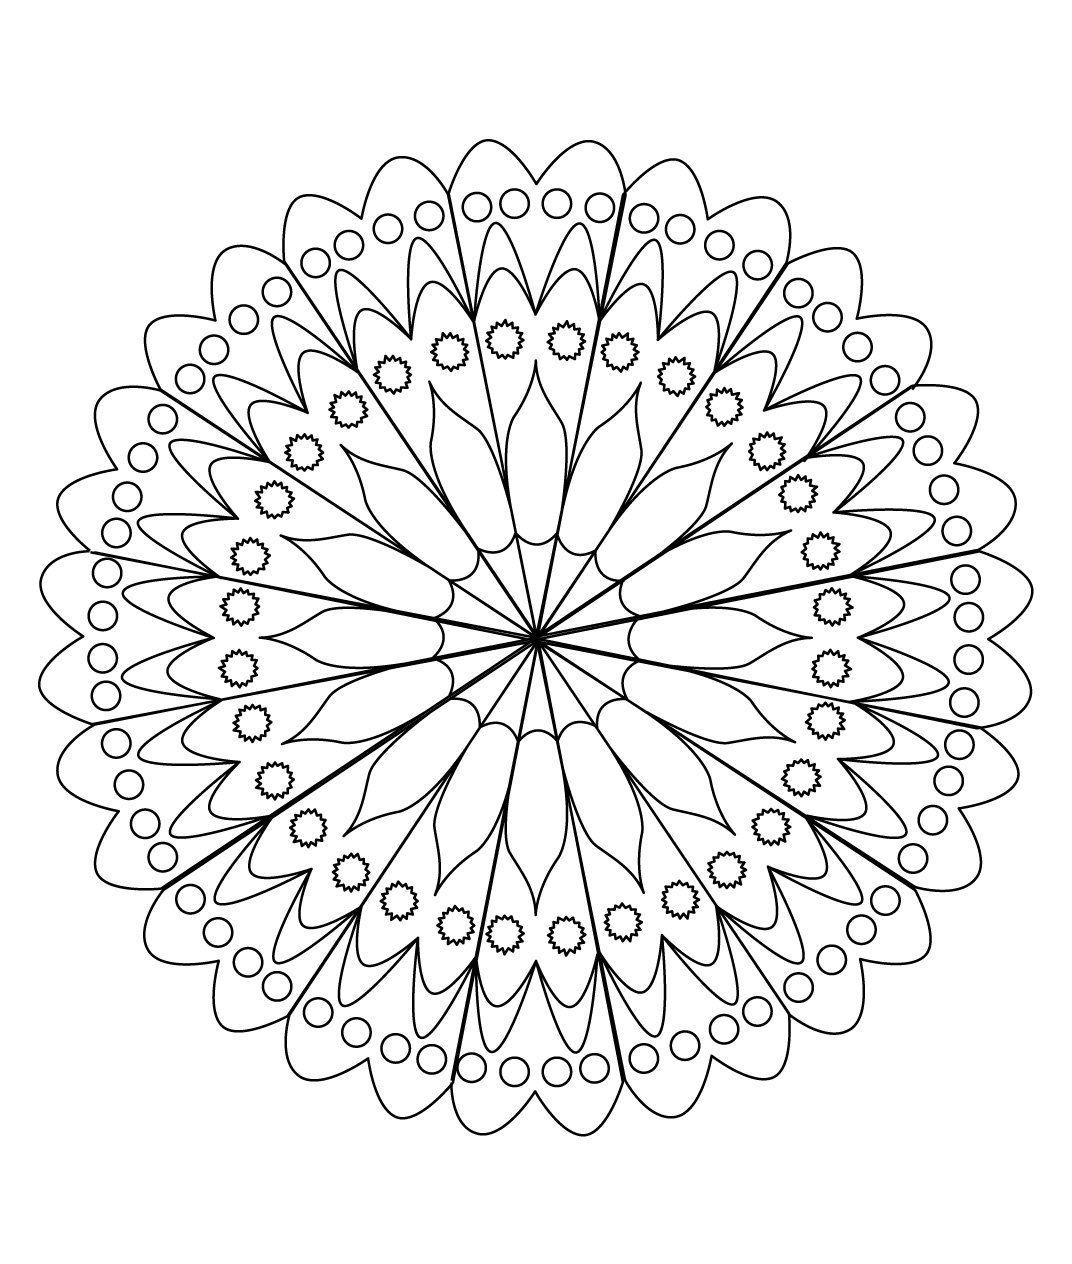 Stci coloriage pour adultes et enfants mandalas mandalas coloring pages coloriage mandala - Coloriages pour adultes ...